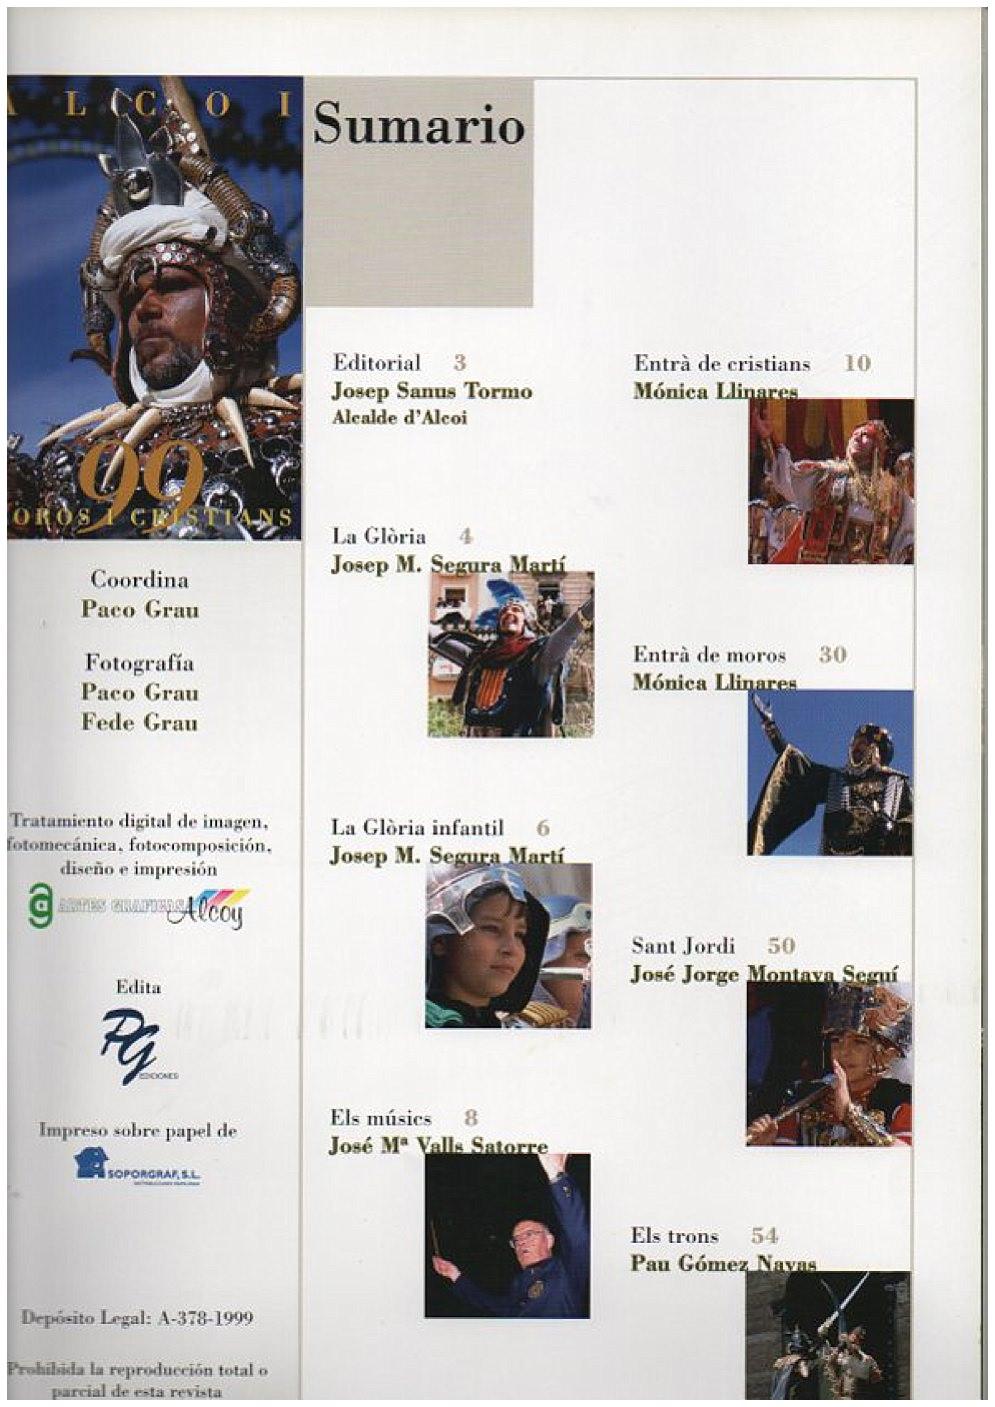 1999    ALCOI · MOROS I CRISTIANS · 1999    PG EDICIONS     Fotografías:   Paco Grau  FedeGrau    64 Paginas a Color  Impreso en Artes Graficas Alcoy - impreso sobre papel SOPORGRAF, S.L.  Diputación de Alicante  Ayuntamiento D´ Alcoi  Caja de Ahorros del Mediterráneo